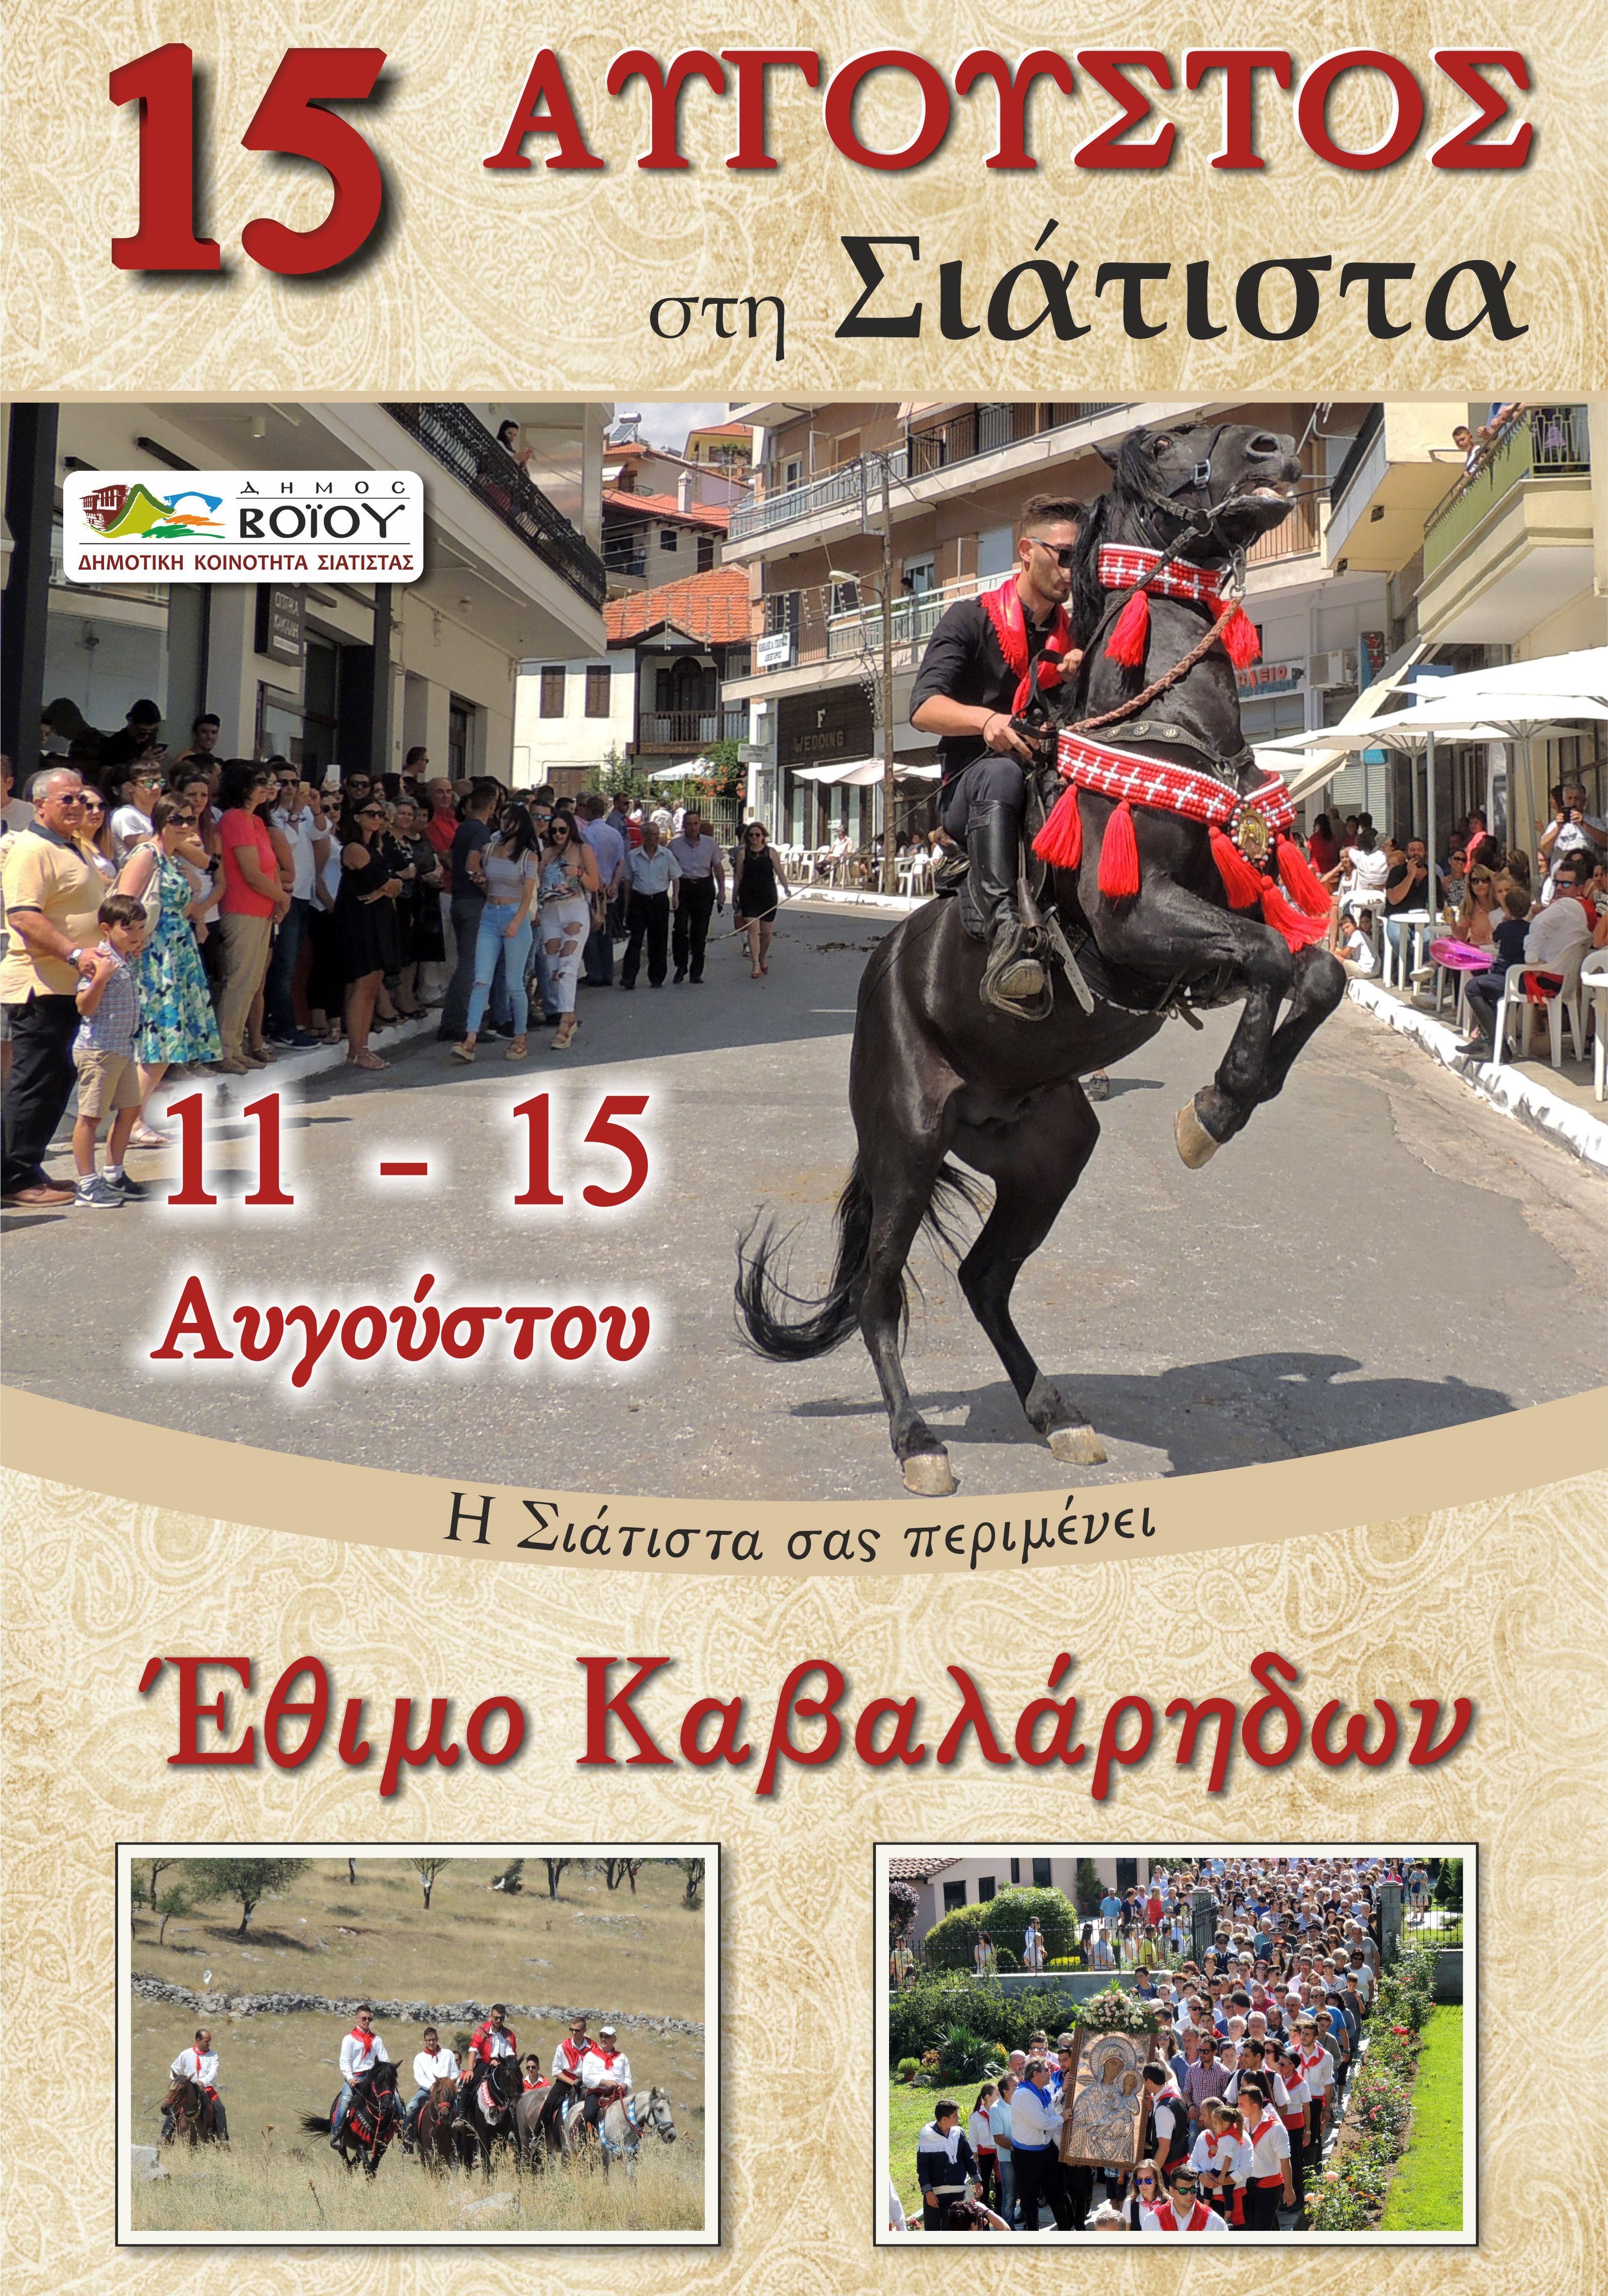 15 Αύγουστος στην Σιάτιστα το έθιμο των Καβαλάρηδων. Το πρόγραμμα εκδηλώσεων